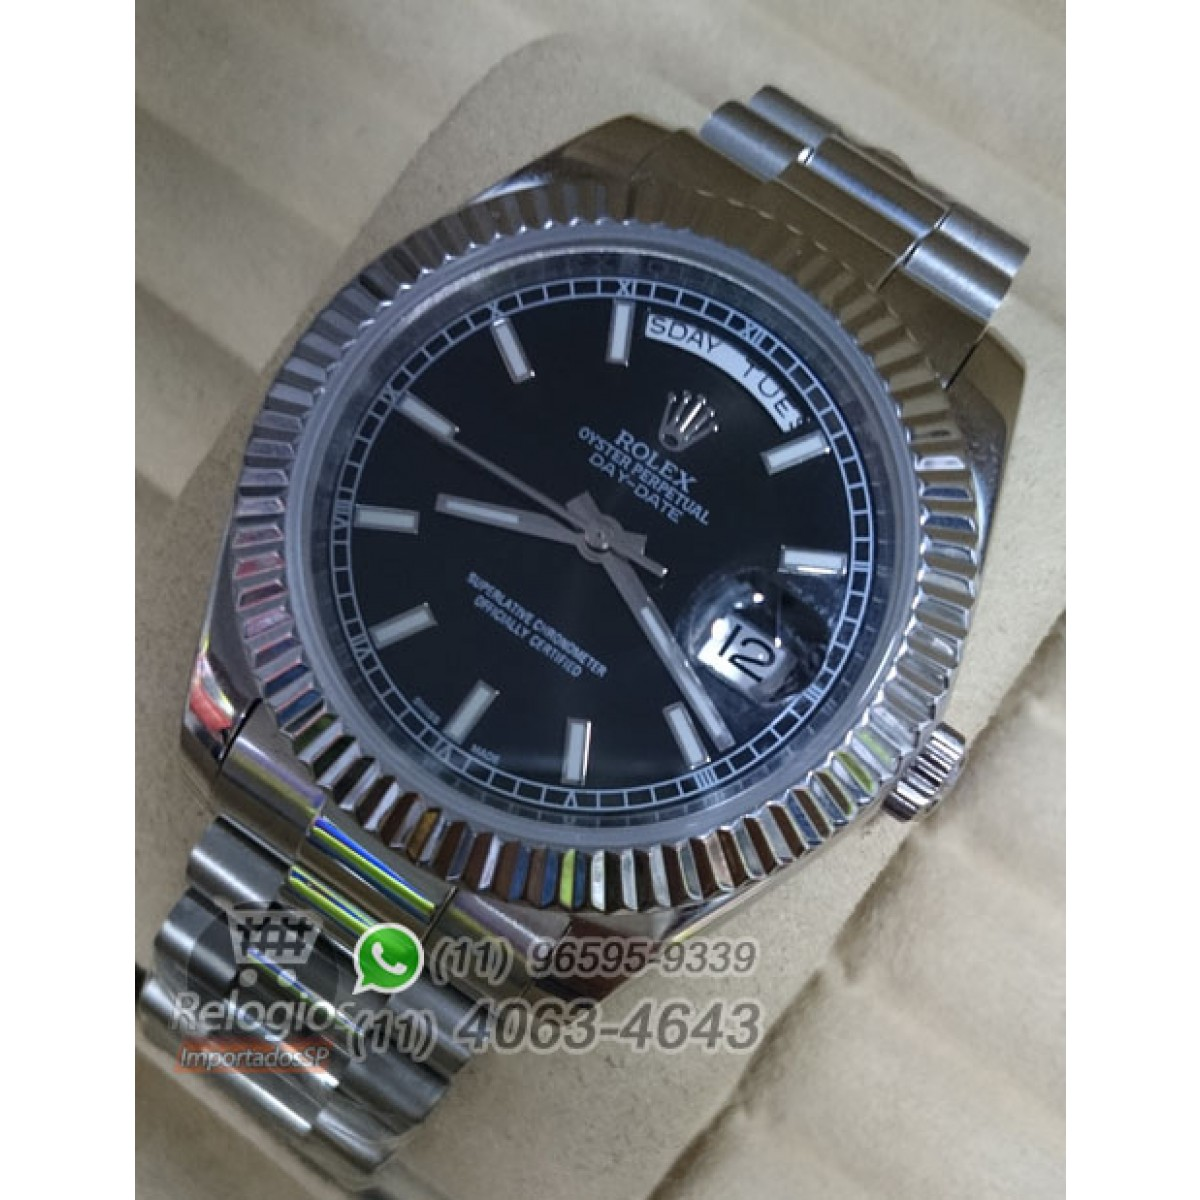 77e72f2903a Relógio Réplica Rolex Day Date Prata Preto